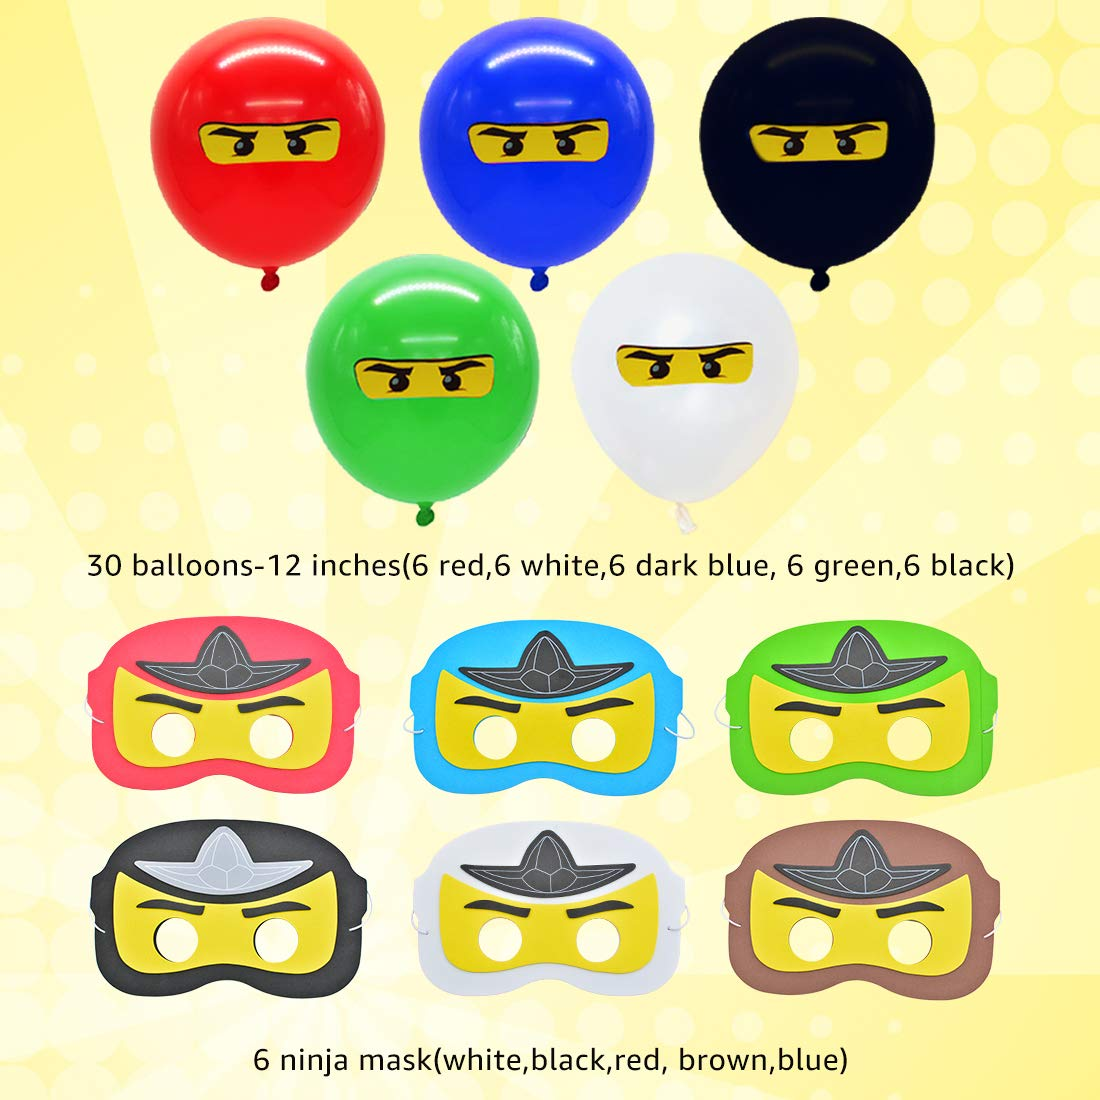 Ninja Party Máscaras Globos Decoraciones Party Favors for ...